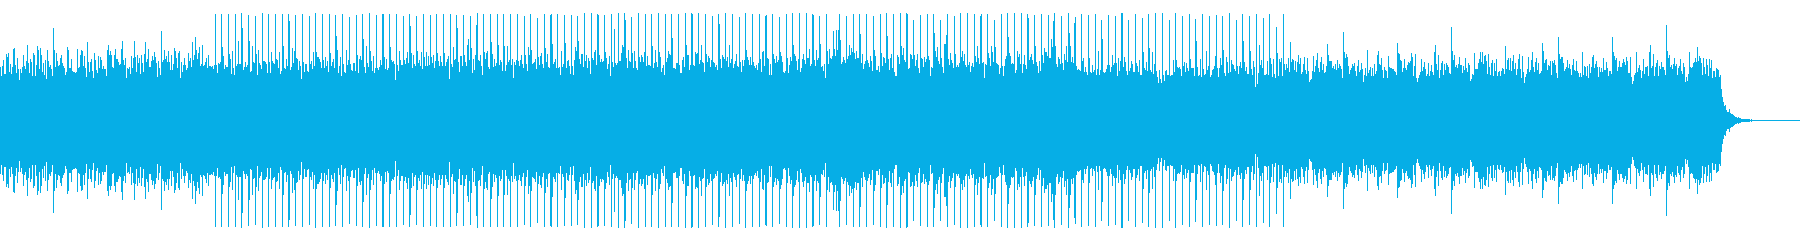 さわやかなピアノが特徴のテクノ系サウンドの再生済みの波形